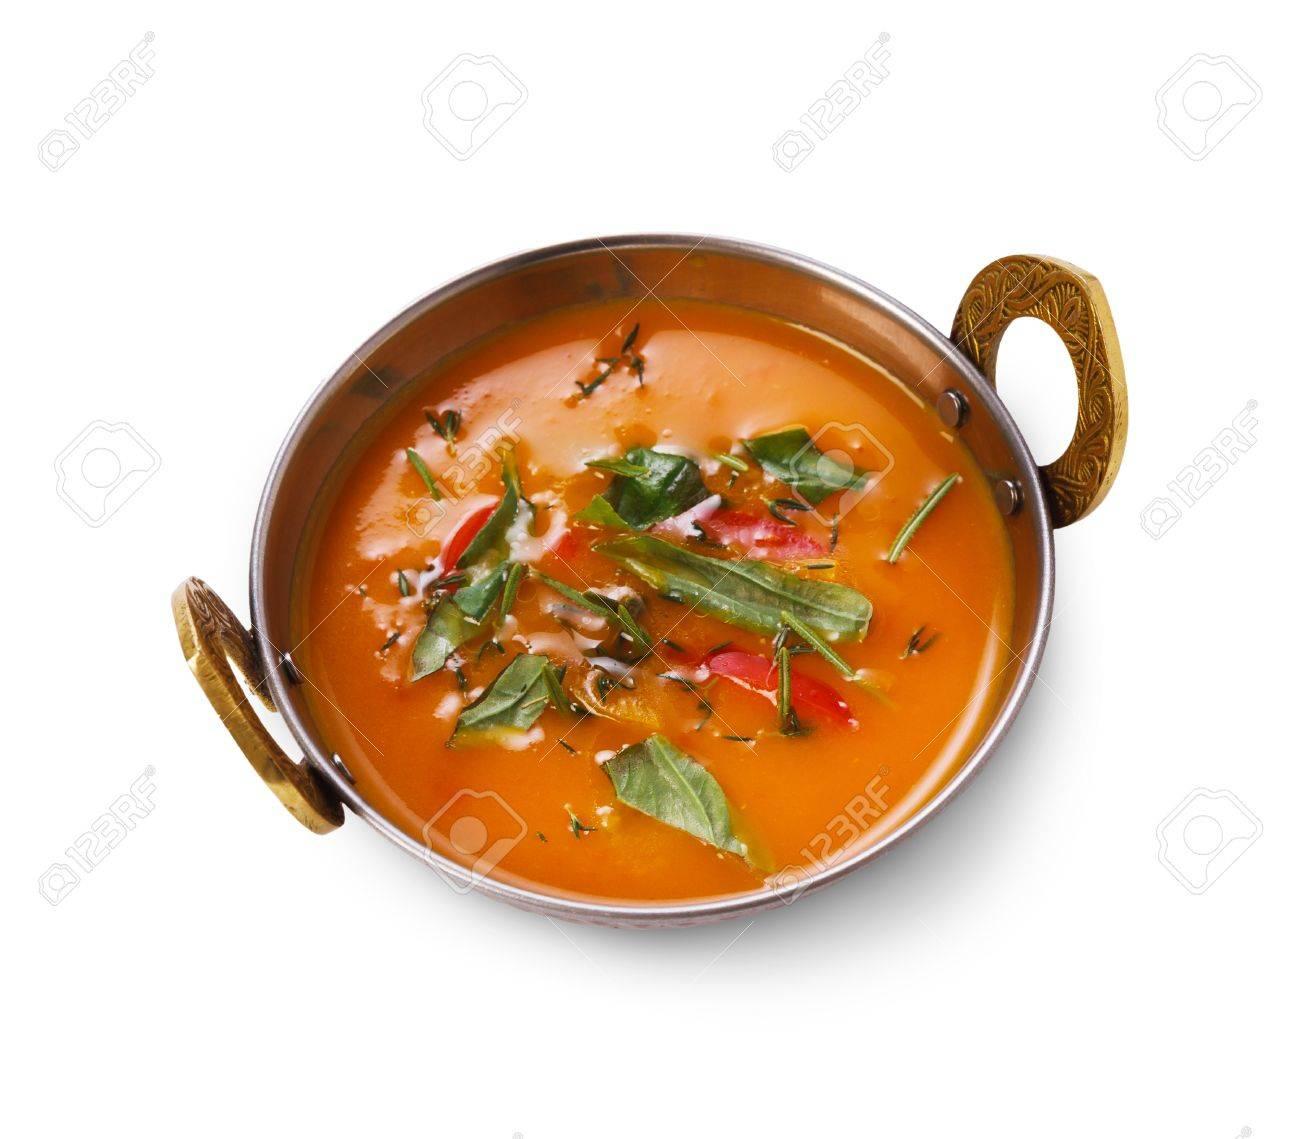 Vegan Und Vegetarisches Gericht, Würzige Suppe Schüssel Cremig ...